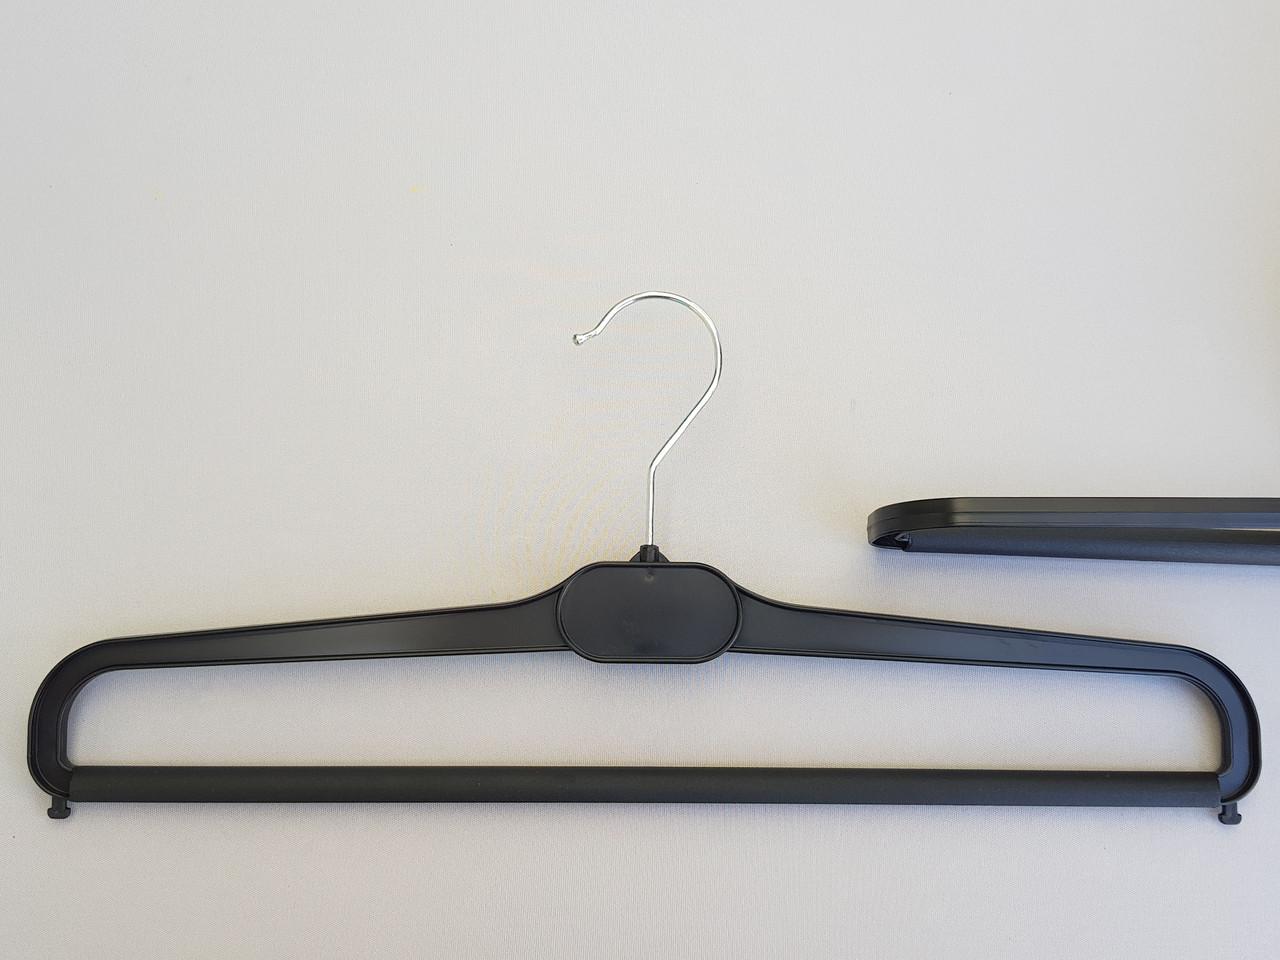 Длина 41 см. Плечики вешалки пластмассовые для брюк и юбок  V-BV41 черные